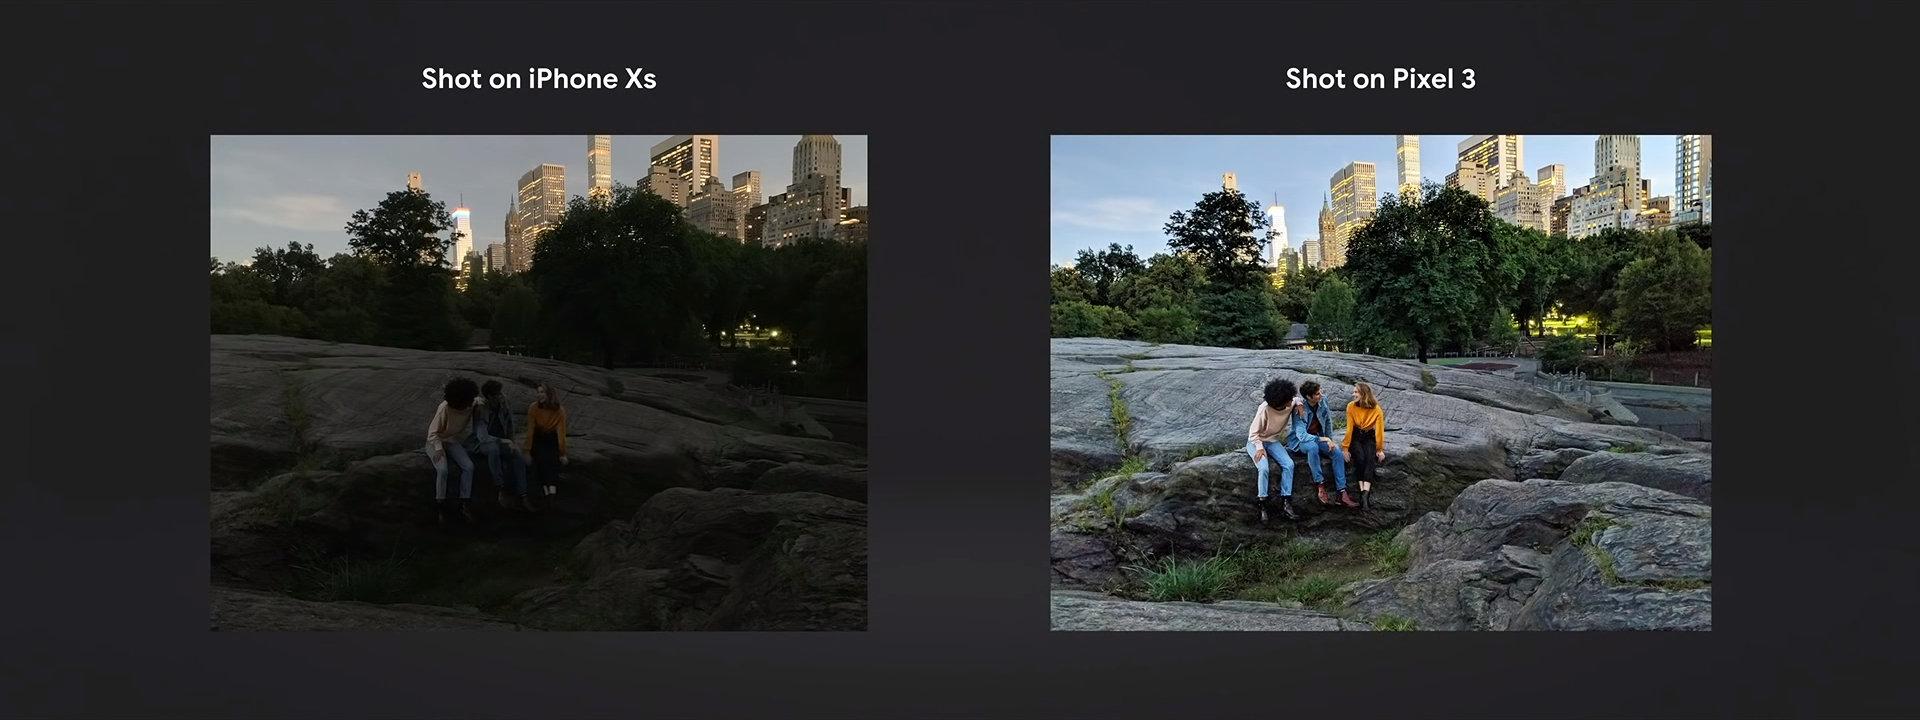 iPhone Xs im Vergleich mit dem Pixel 3 mit aktivem Night Sight